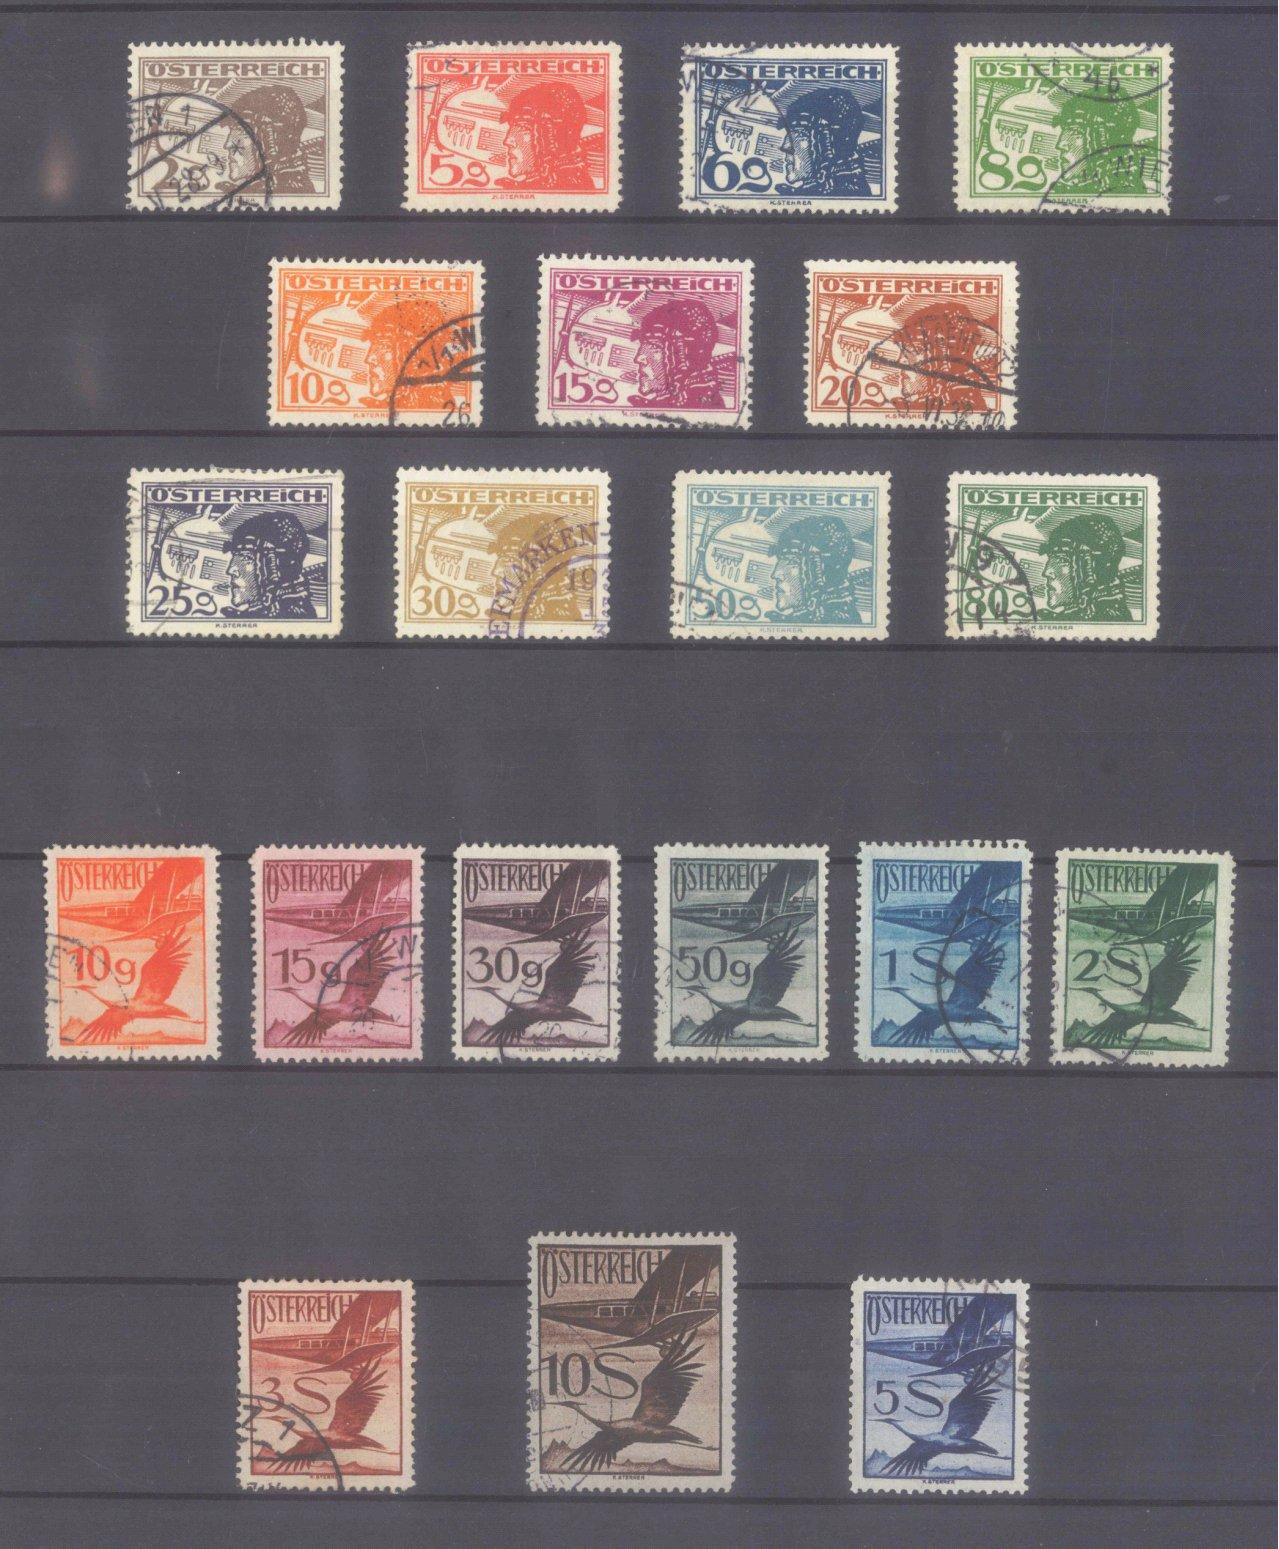 ÖSTERREICH 1925/1930, Flugpost